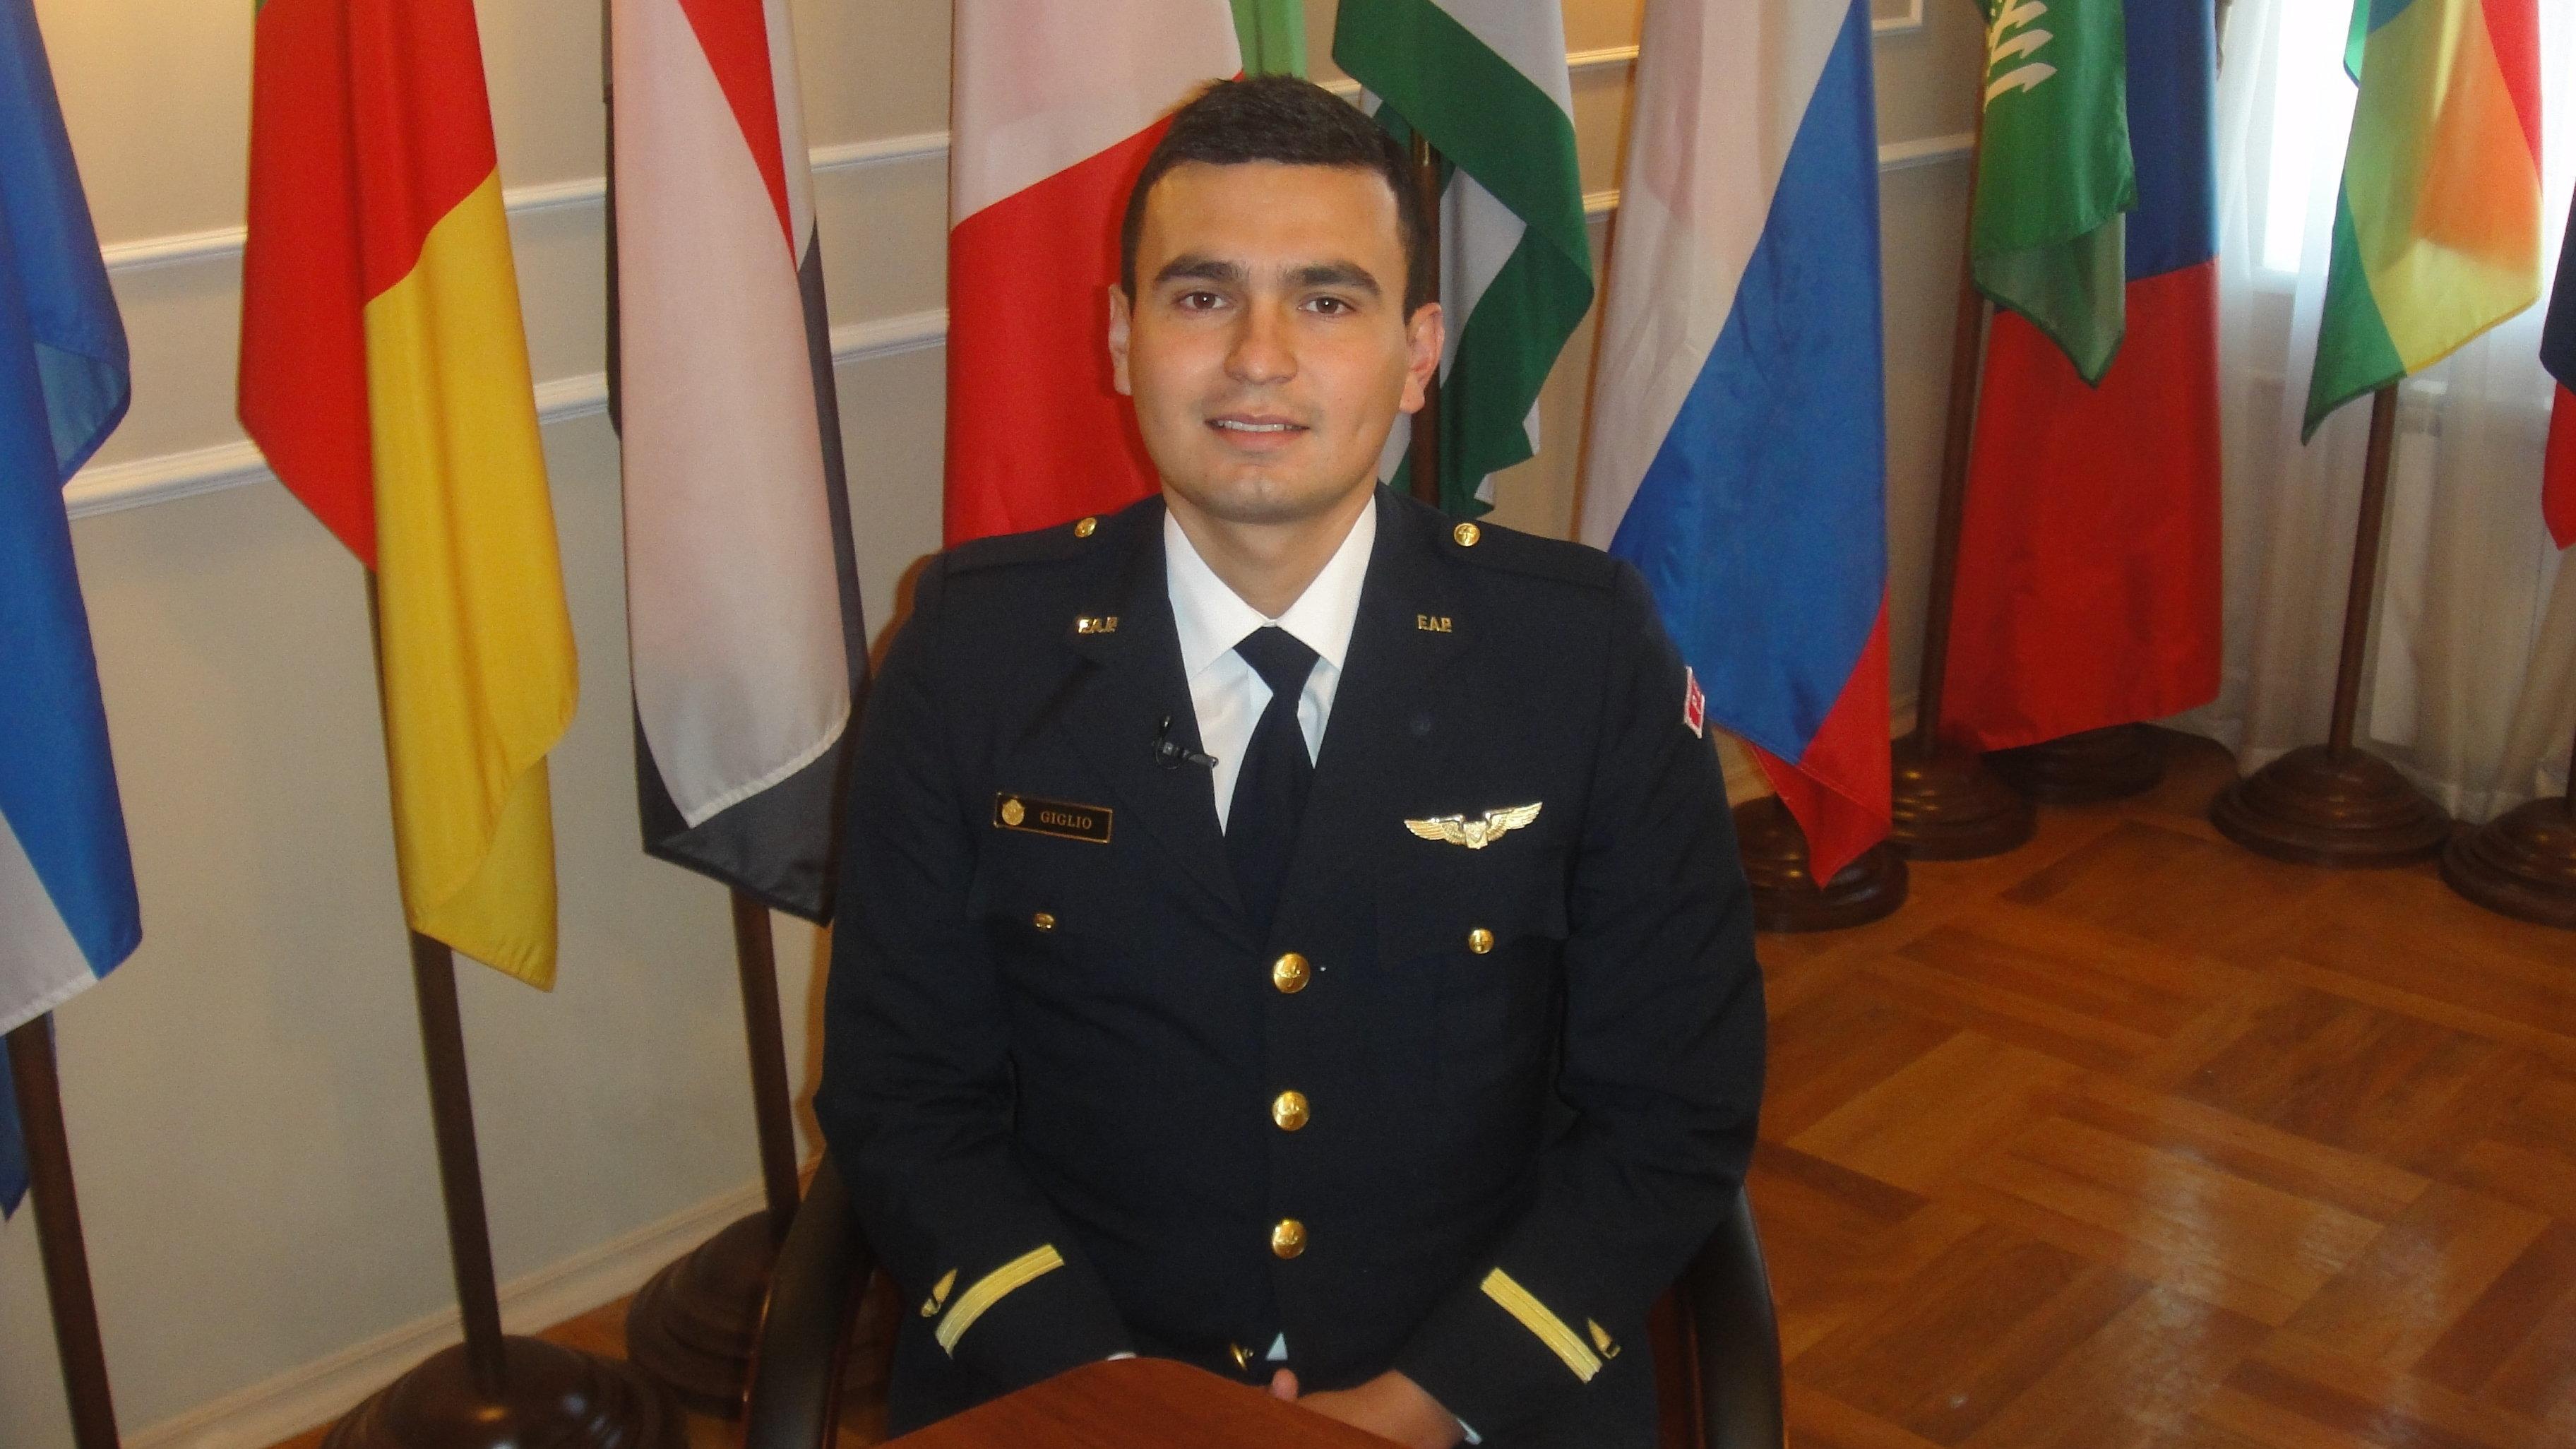 Le Péruvien Giglio Landauro Kevin Martin, élève de la cinquième année d'études à la faculté spéciale de l'Académie militaire spatiale russe Mojaïski